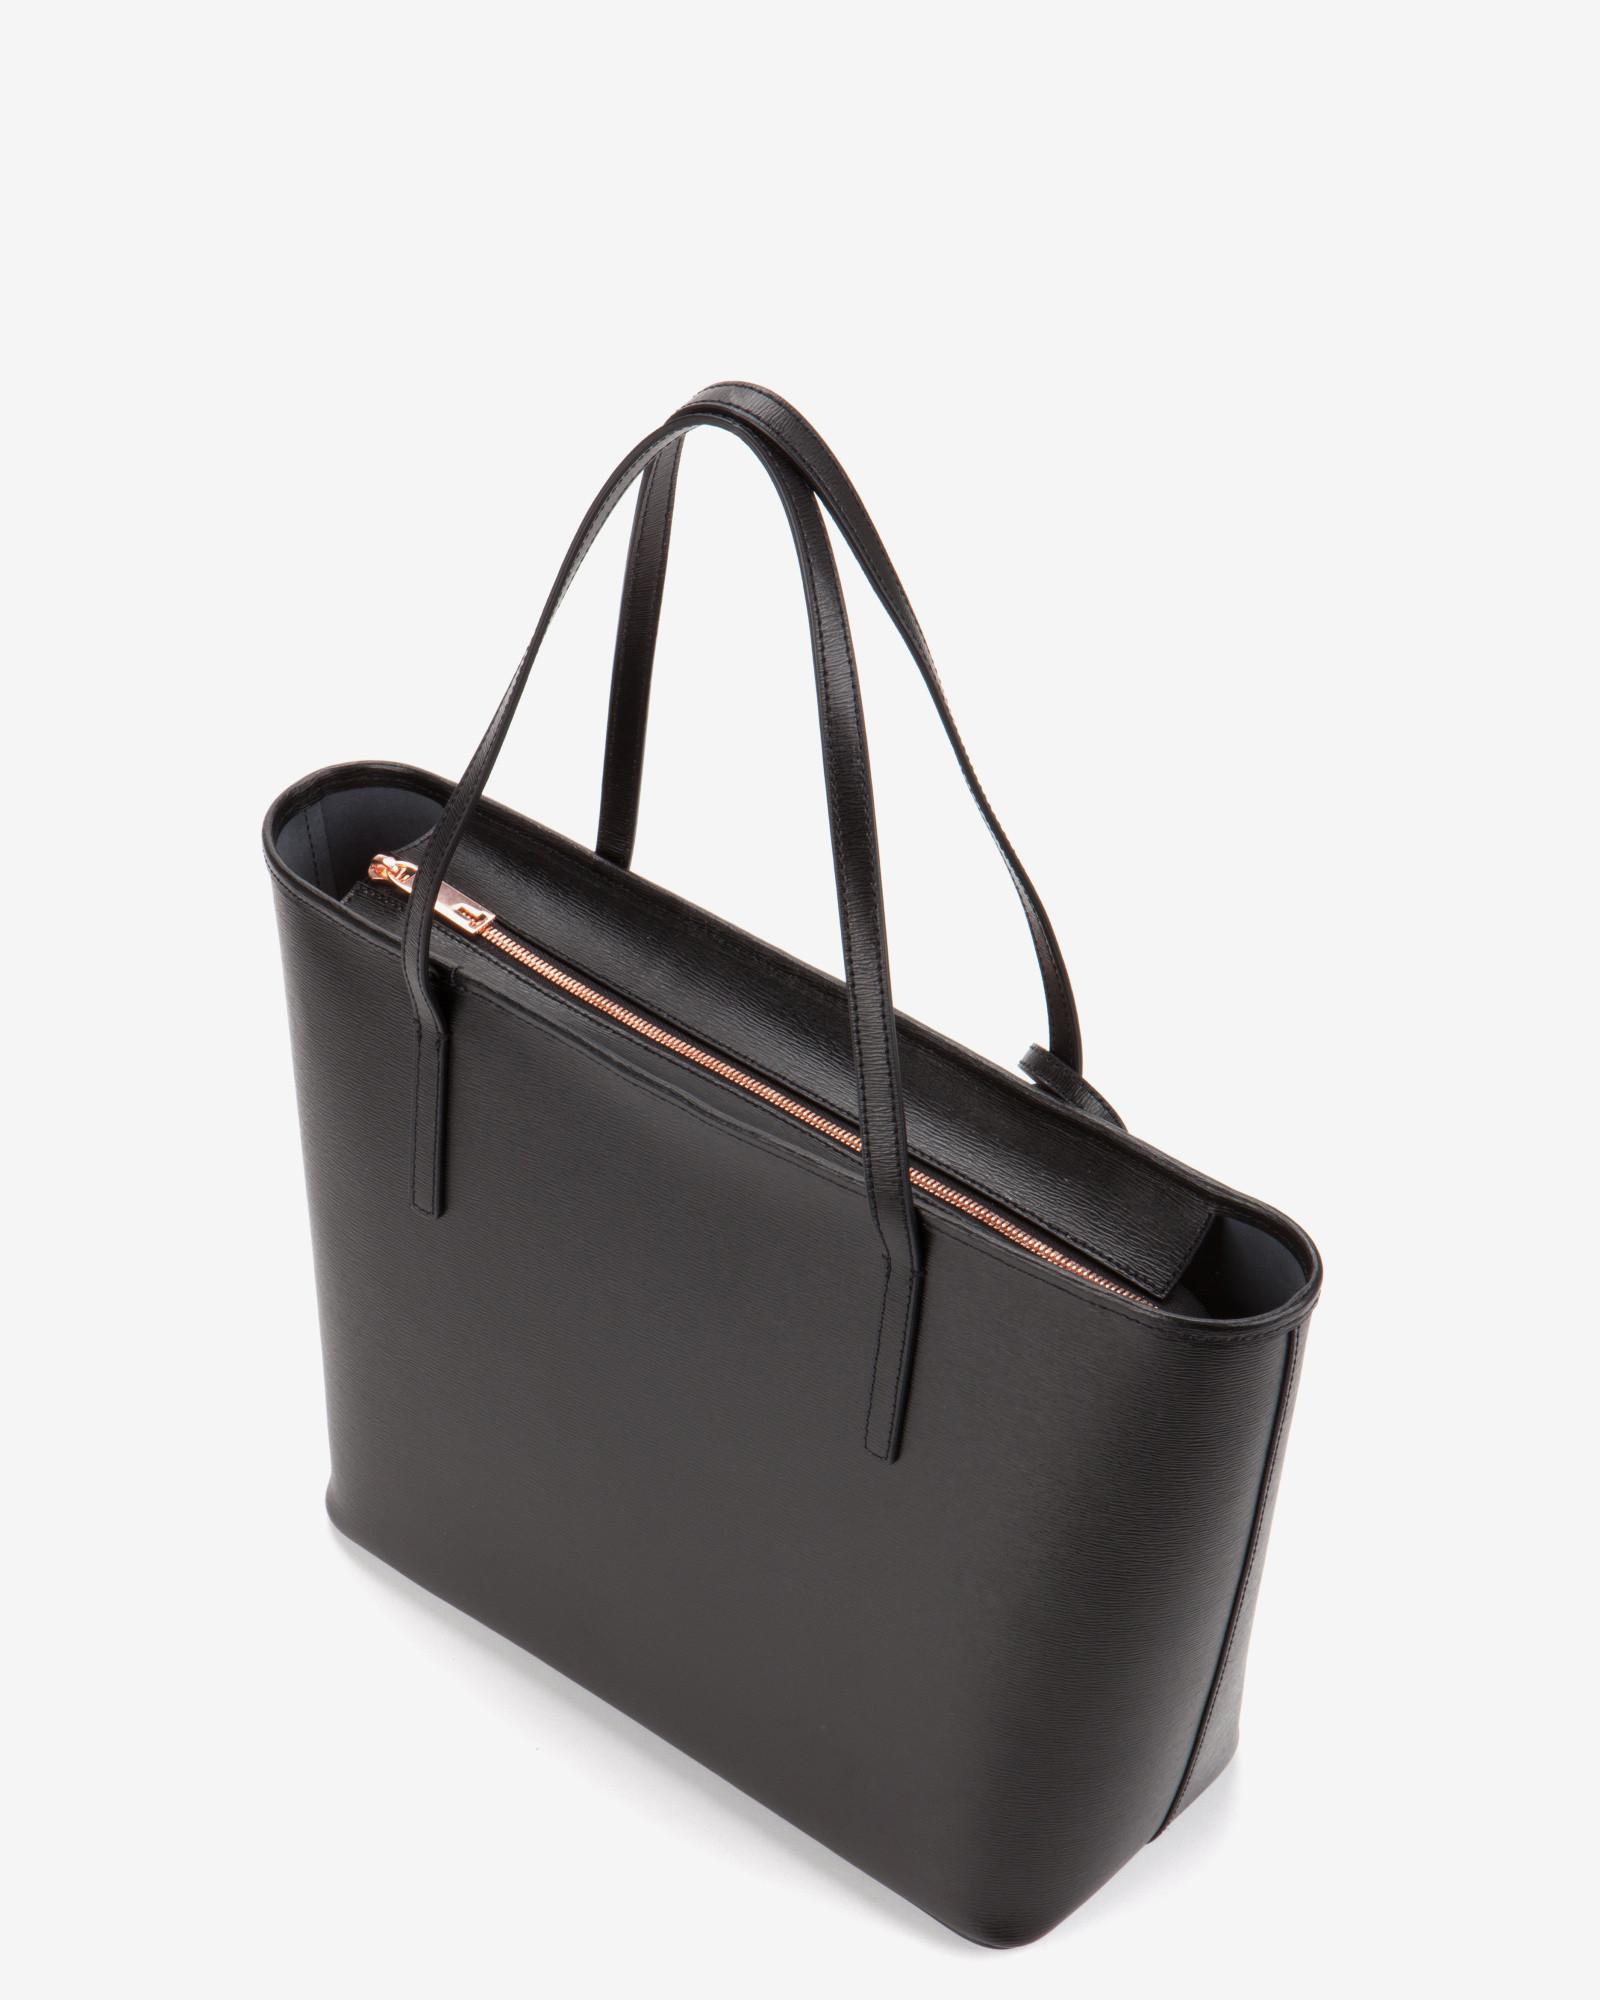 af1c87719fe60 Lyst Ted Baker Crosshatch Leather Tote Bag In Black